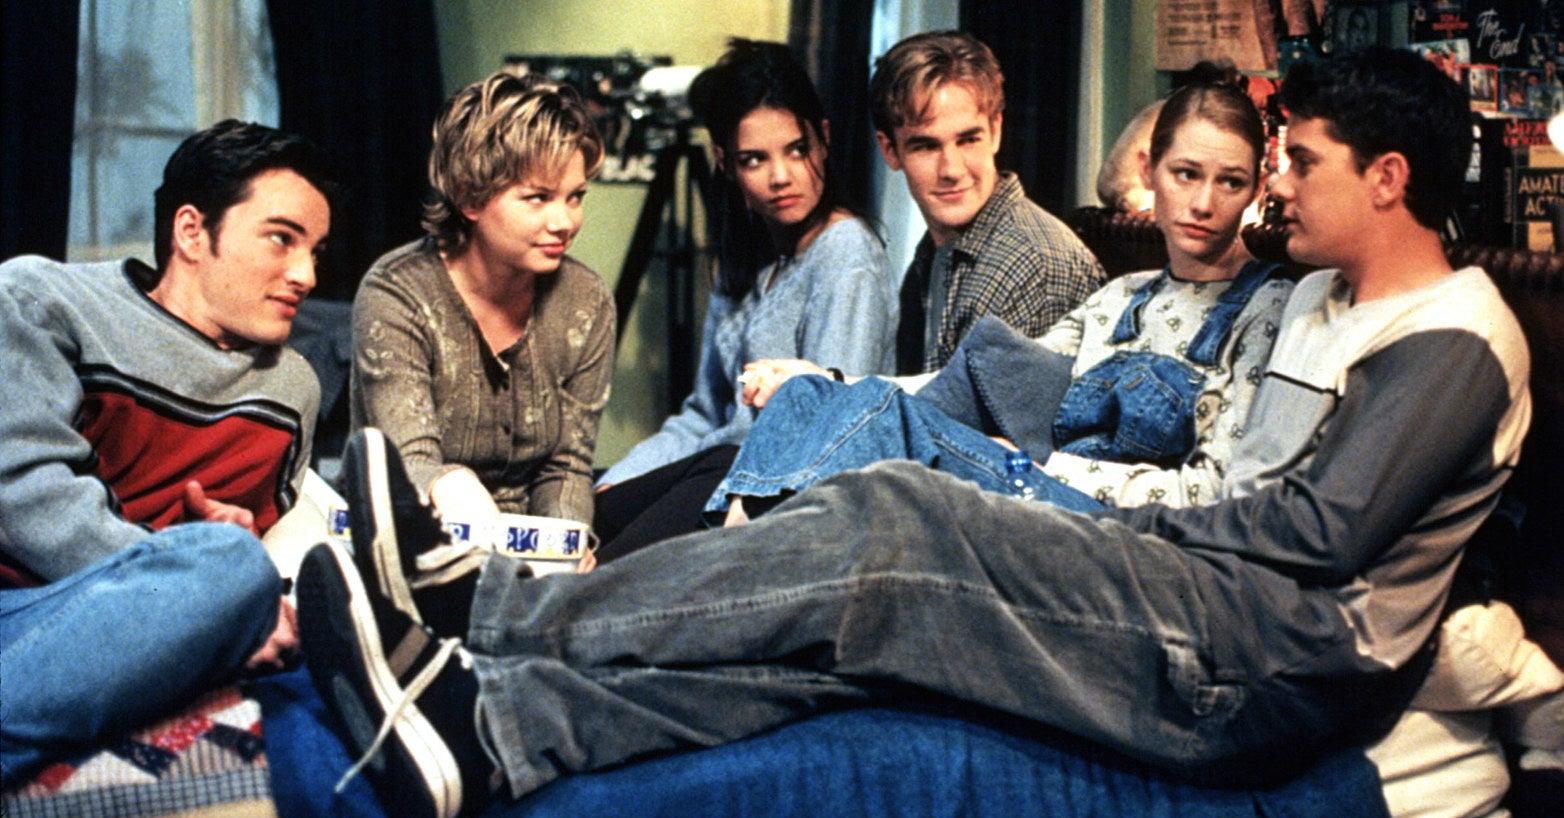 ¿Es Dawson's Creek una historia real? ¿El programa de televisión está basado en la vida real? 1